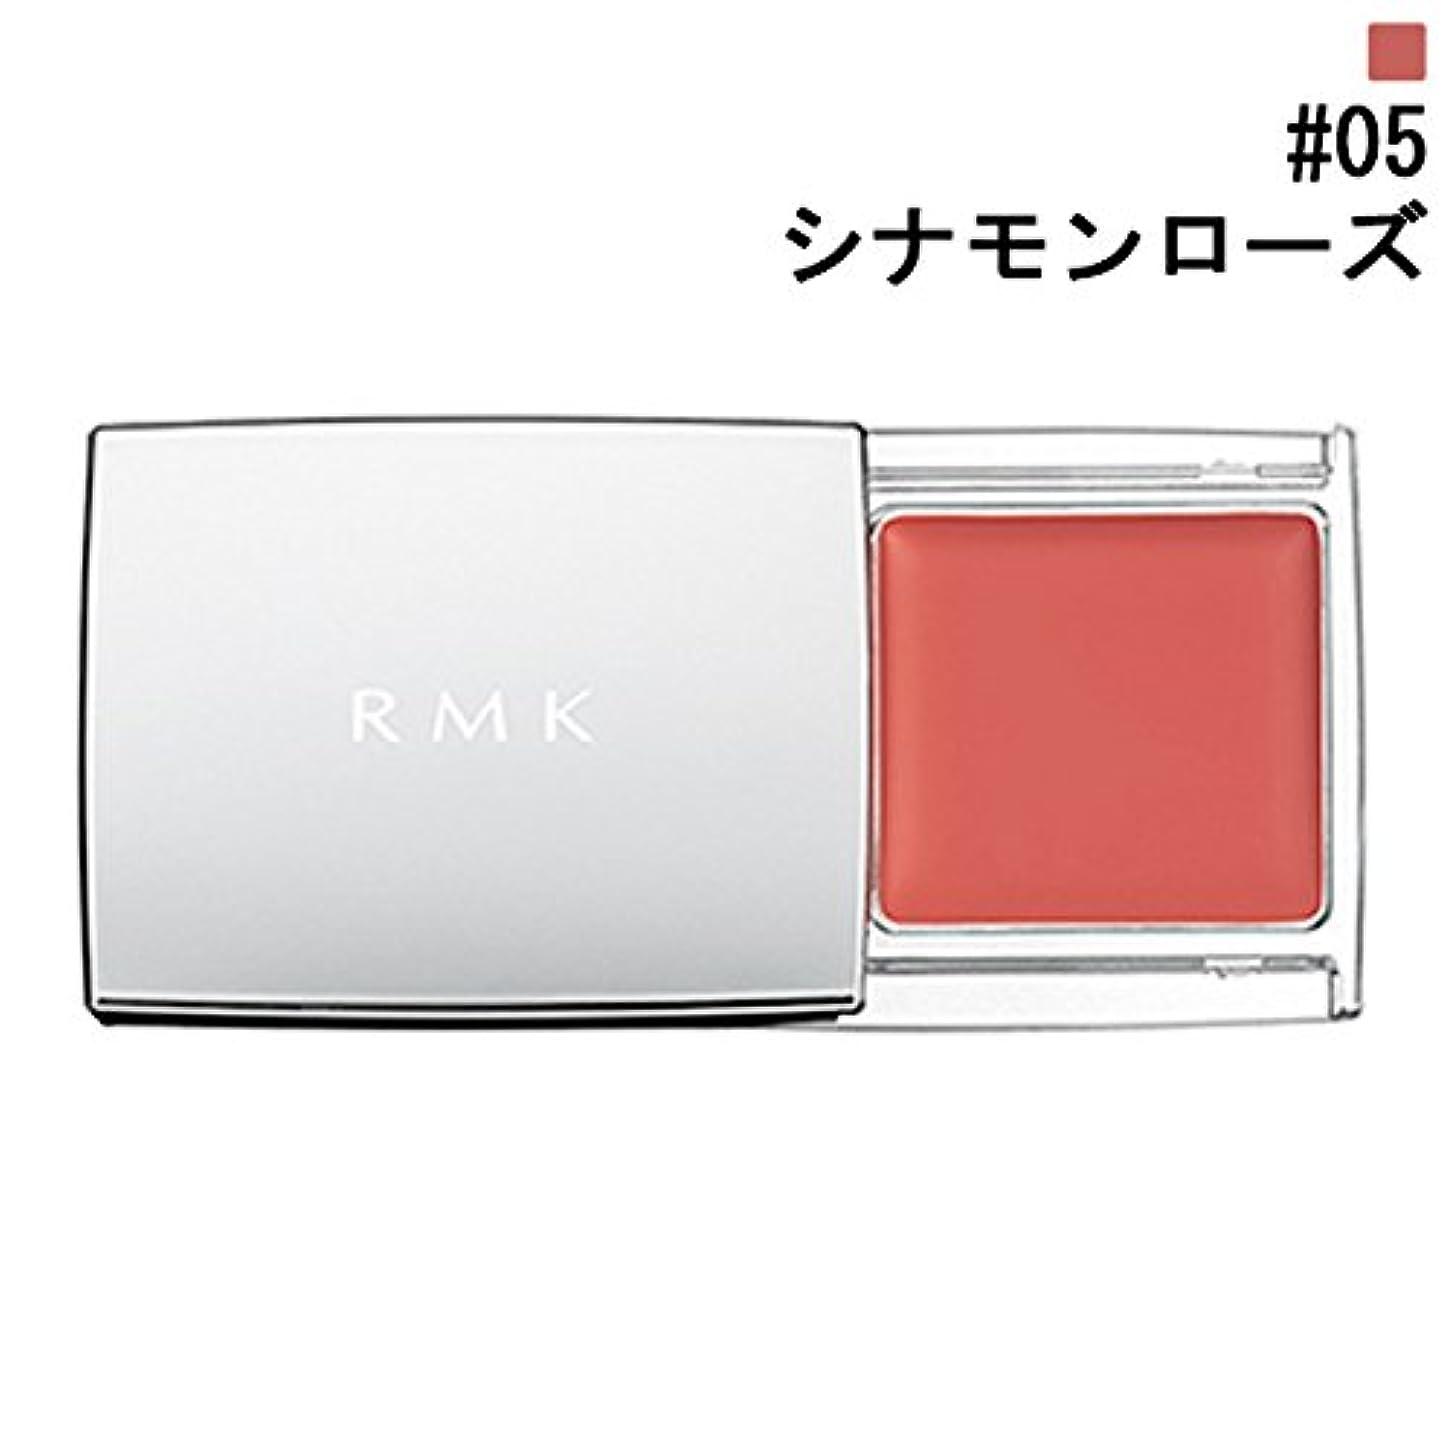 驚いたことに磨かれた入口【RMK (ルミコ)】RMK マルチペイントカラーズ #05 シナモンローズ 1.5g